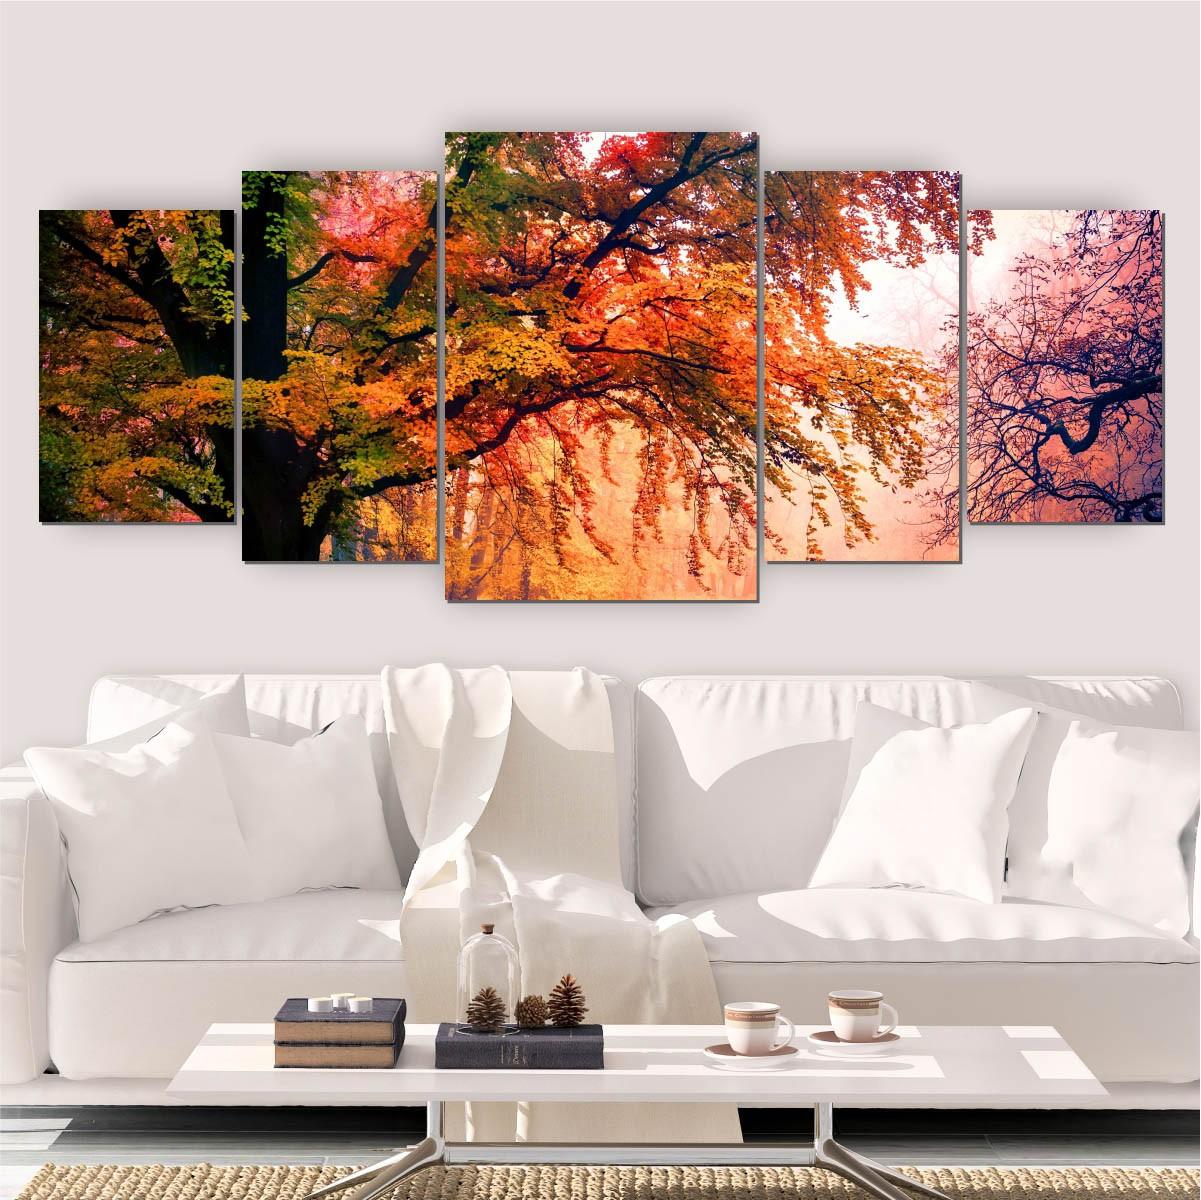 Quadro Decorativo Mosaico Sala Árvore Natureza II 5 peças 144x60cm